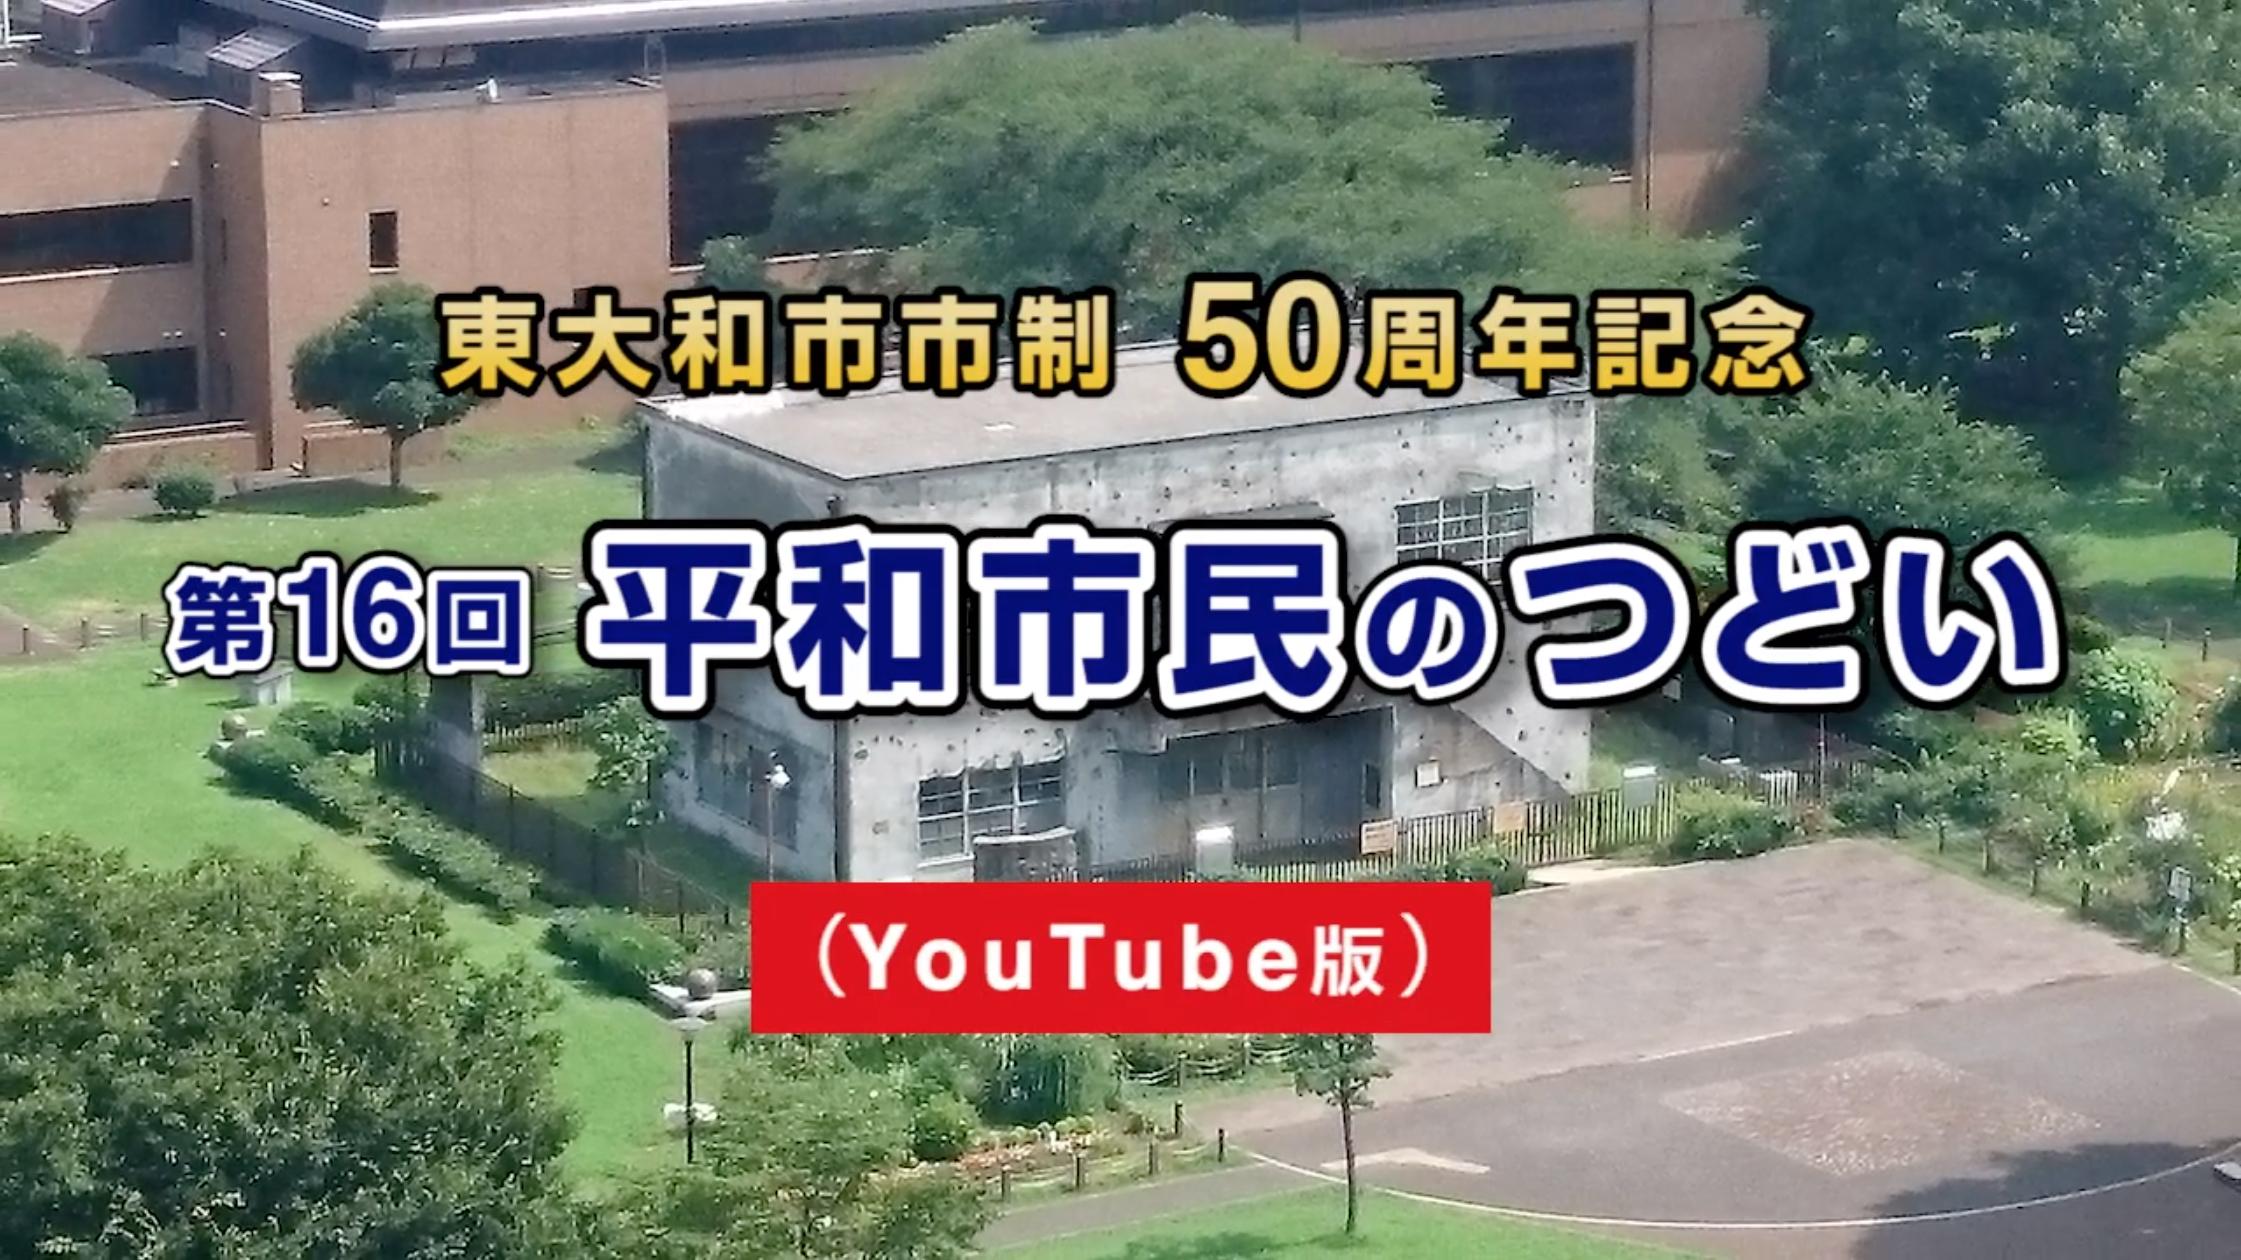 【東大和市】「平和市民のつどい(YouTube版)」「ARコンテンツ」を配信!